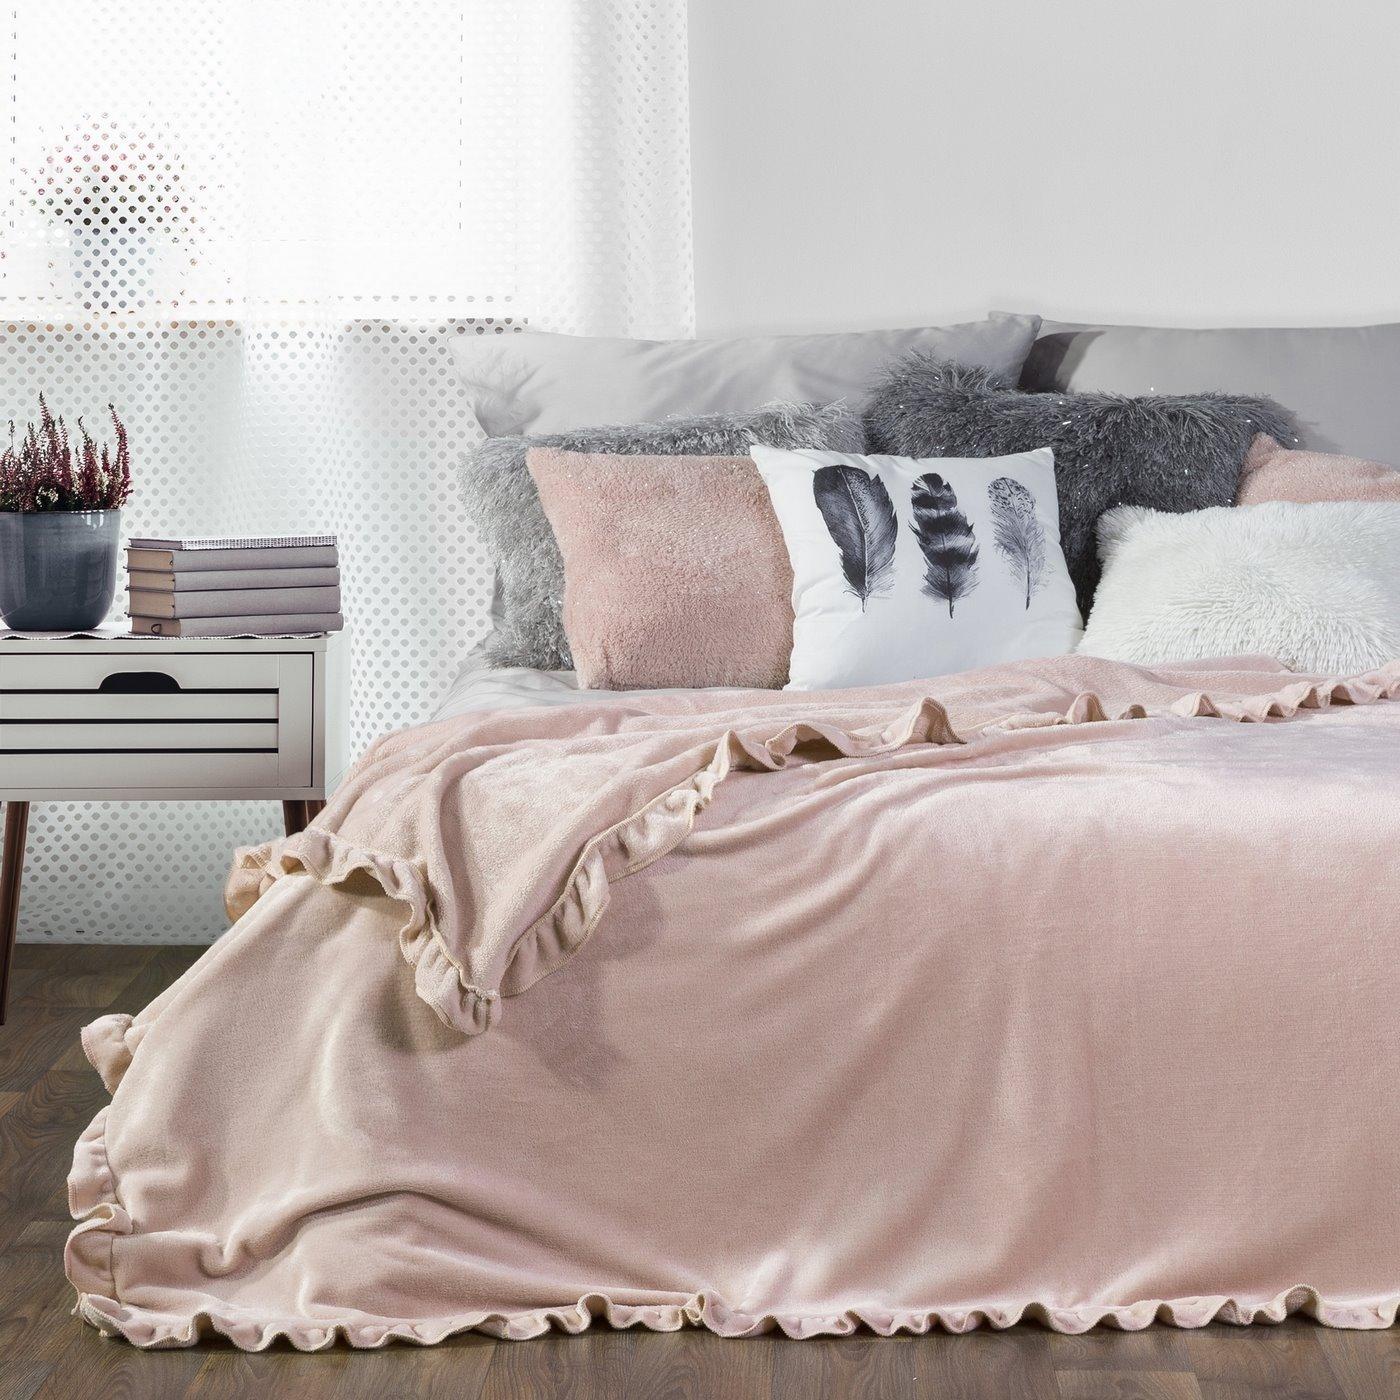 Różowy KOC Z FALBANĄ jednokolorowy 150x200 cm